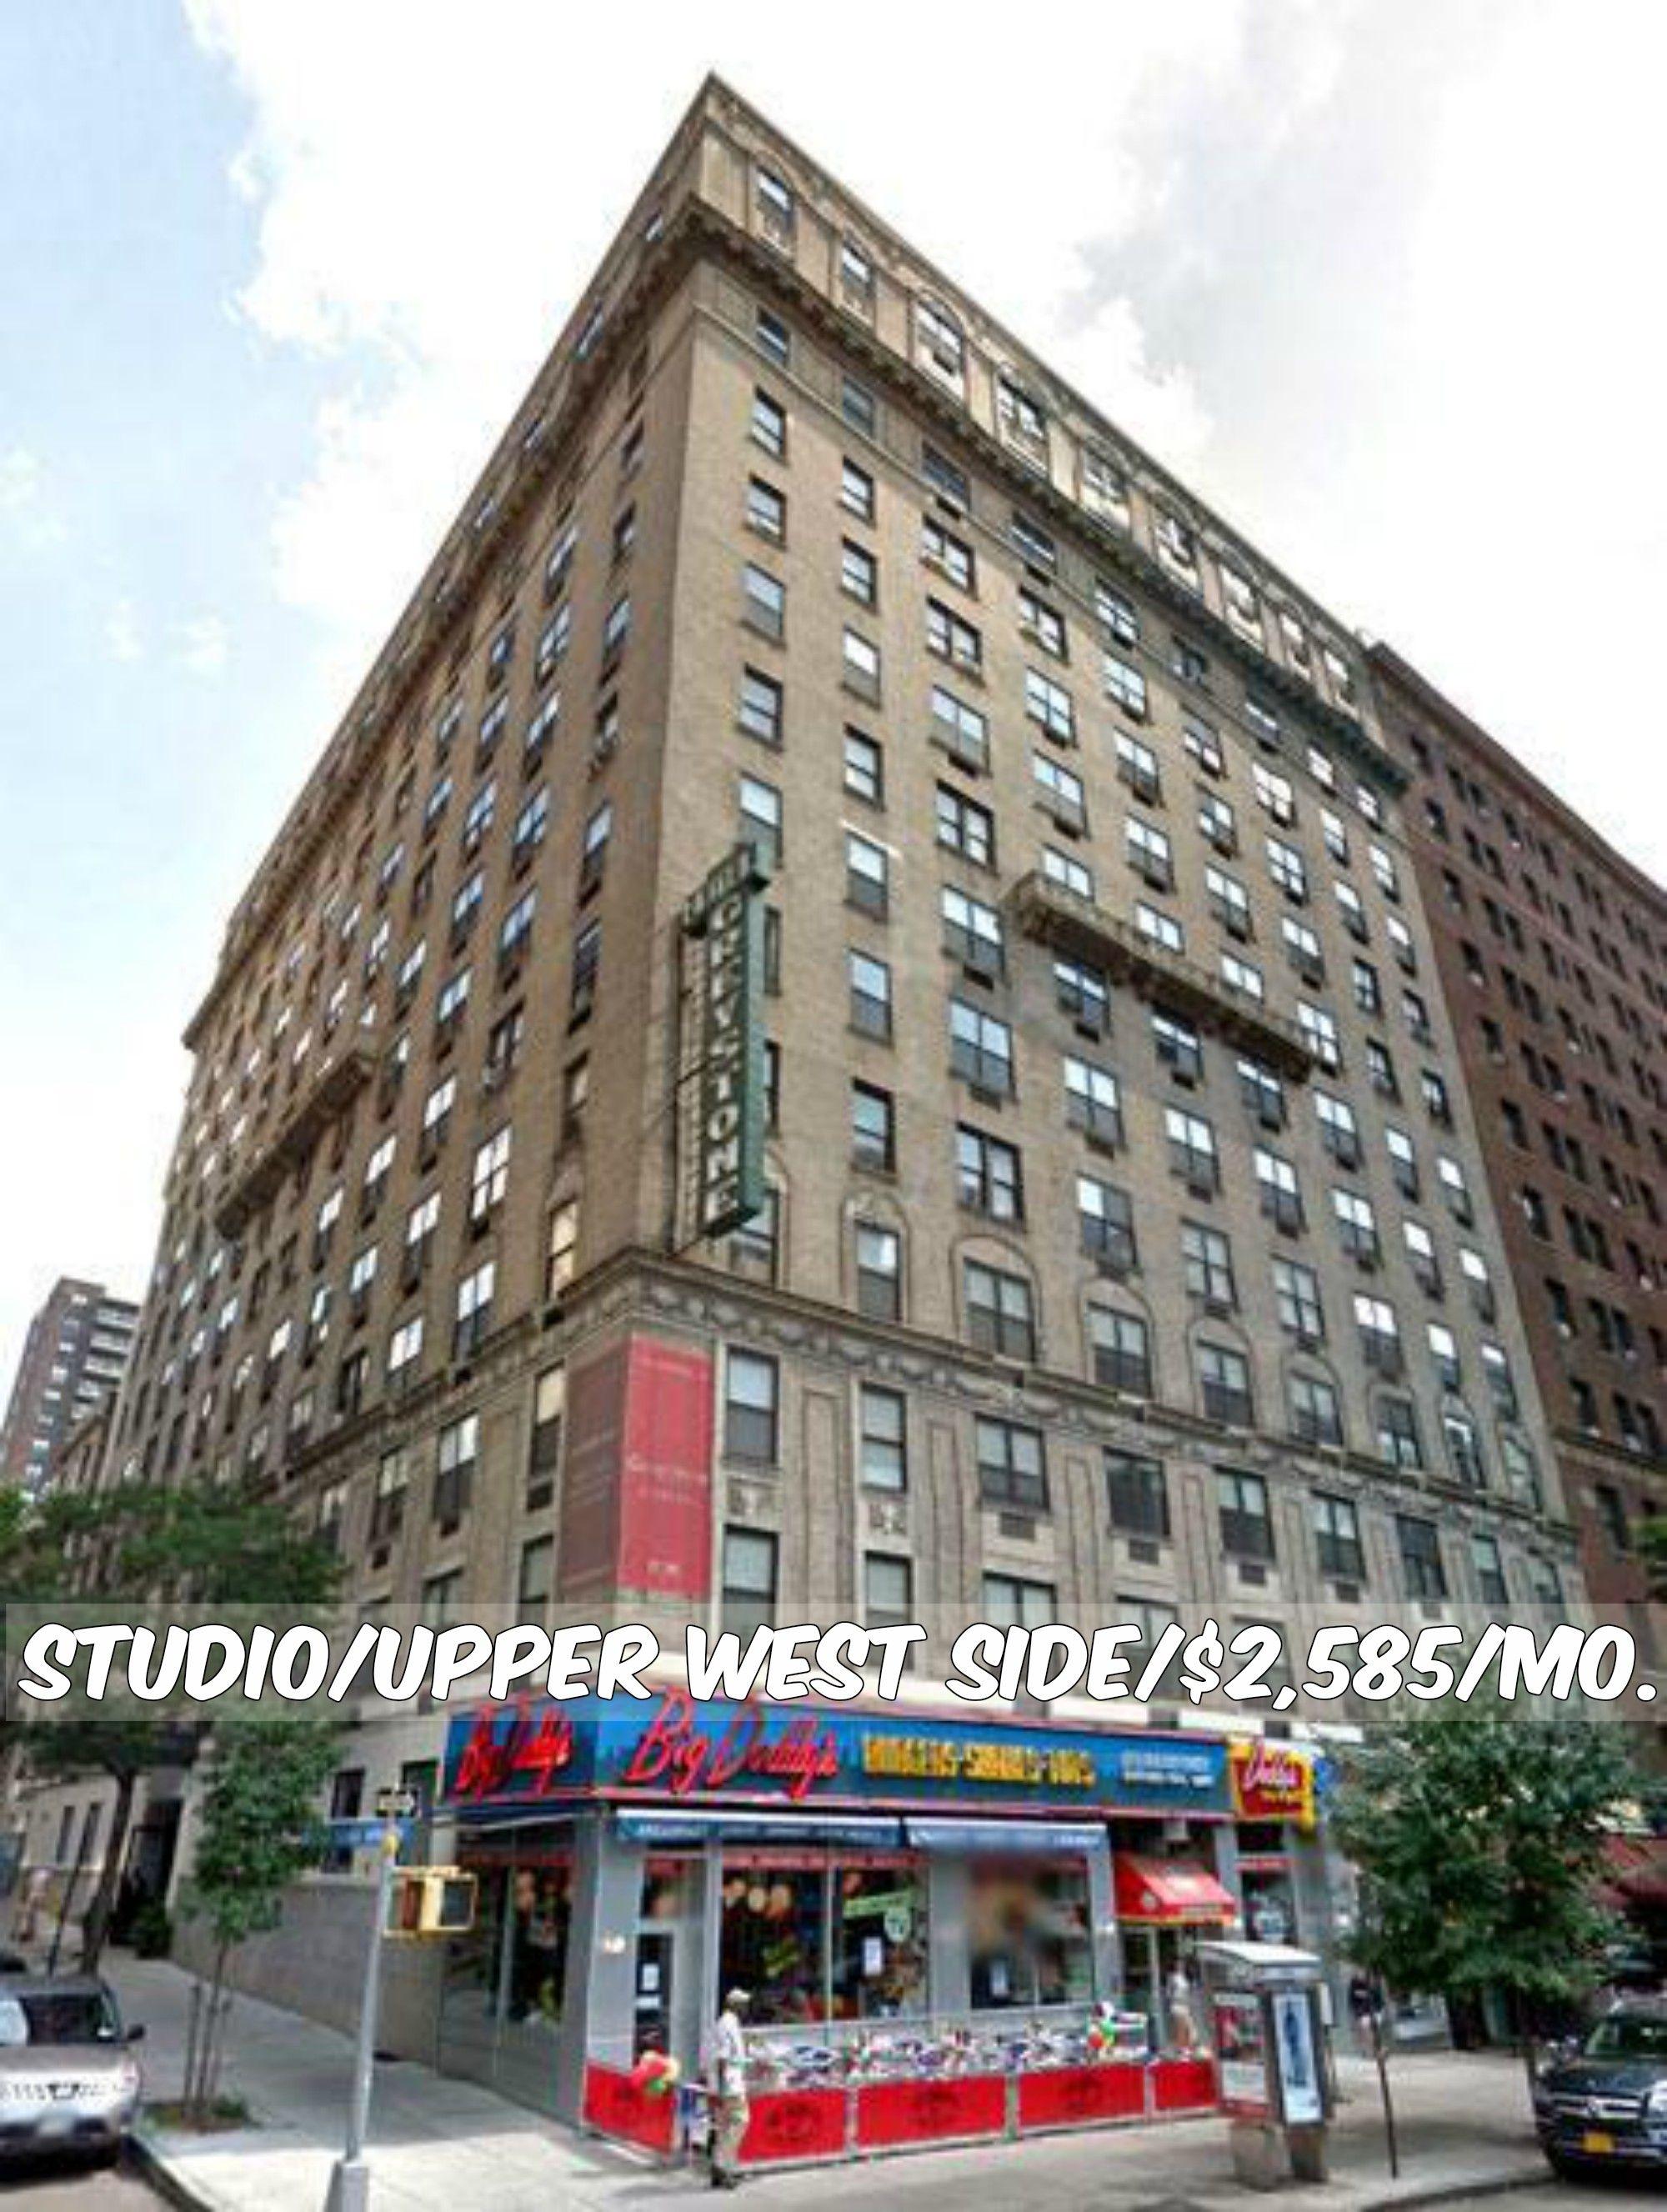 Studio Apt For Rent In Upper West Side At 2 585 Mo Doorman